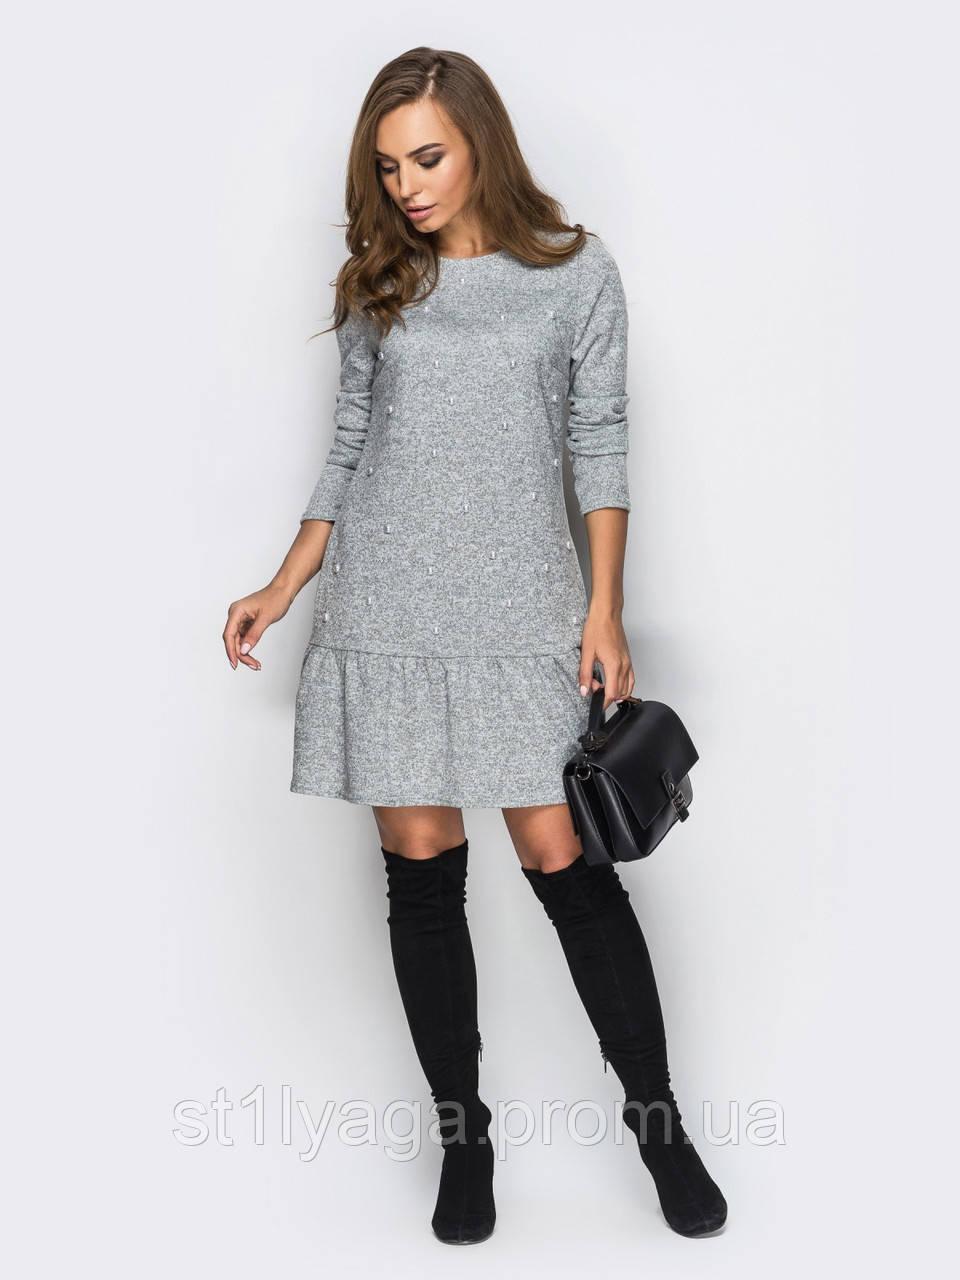 Трикотажное платье с оборкой по низу изделия на полочке украшено бусинами